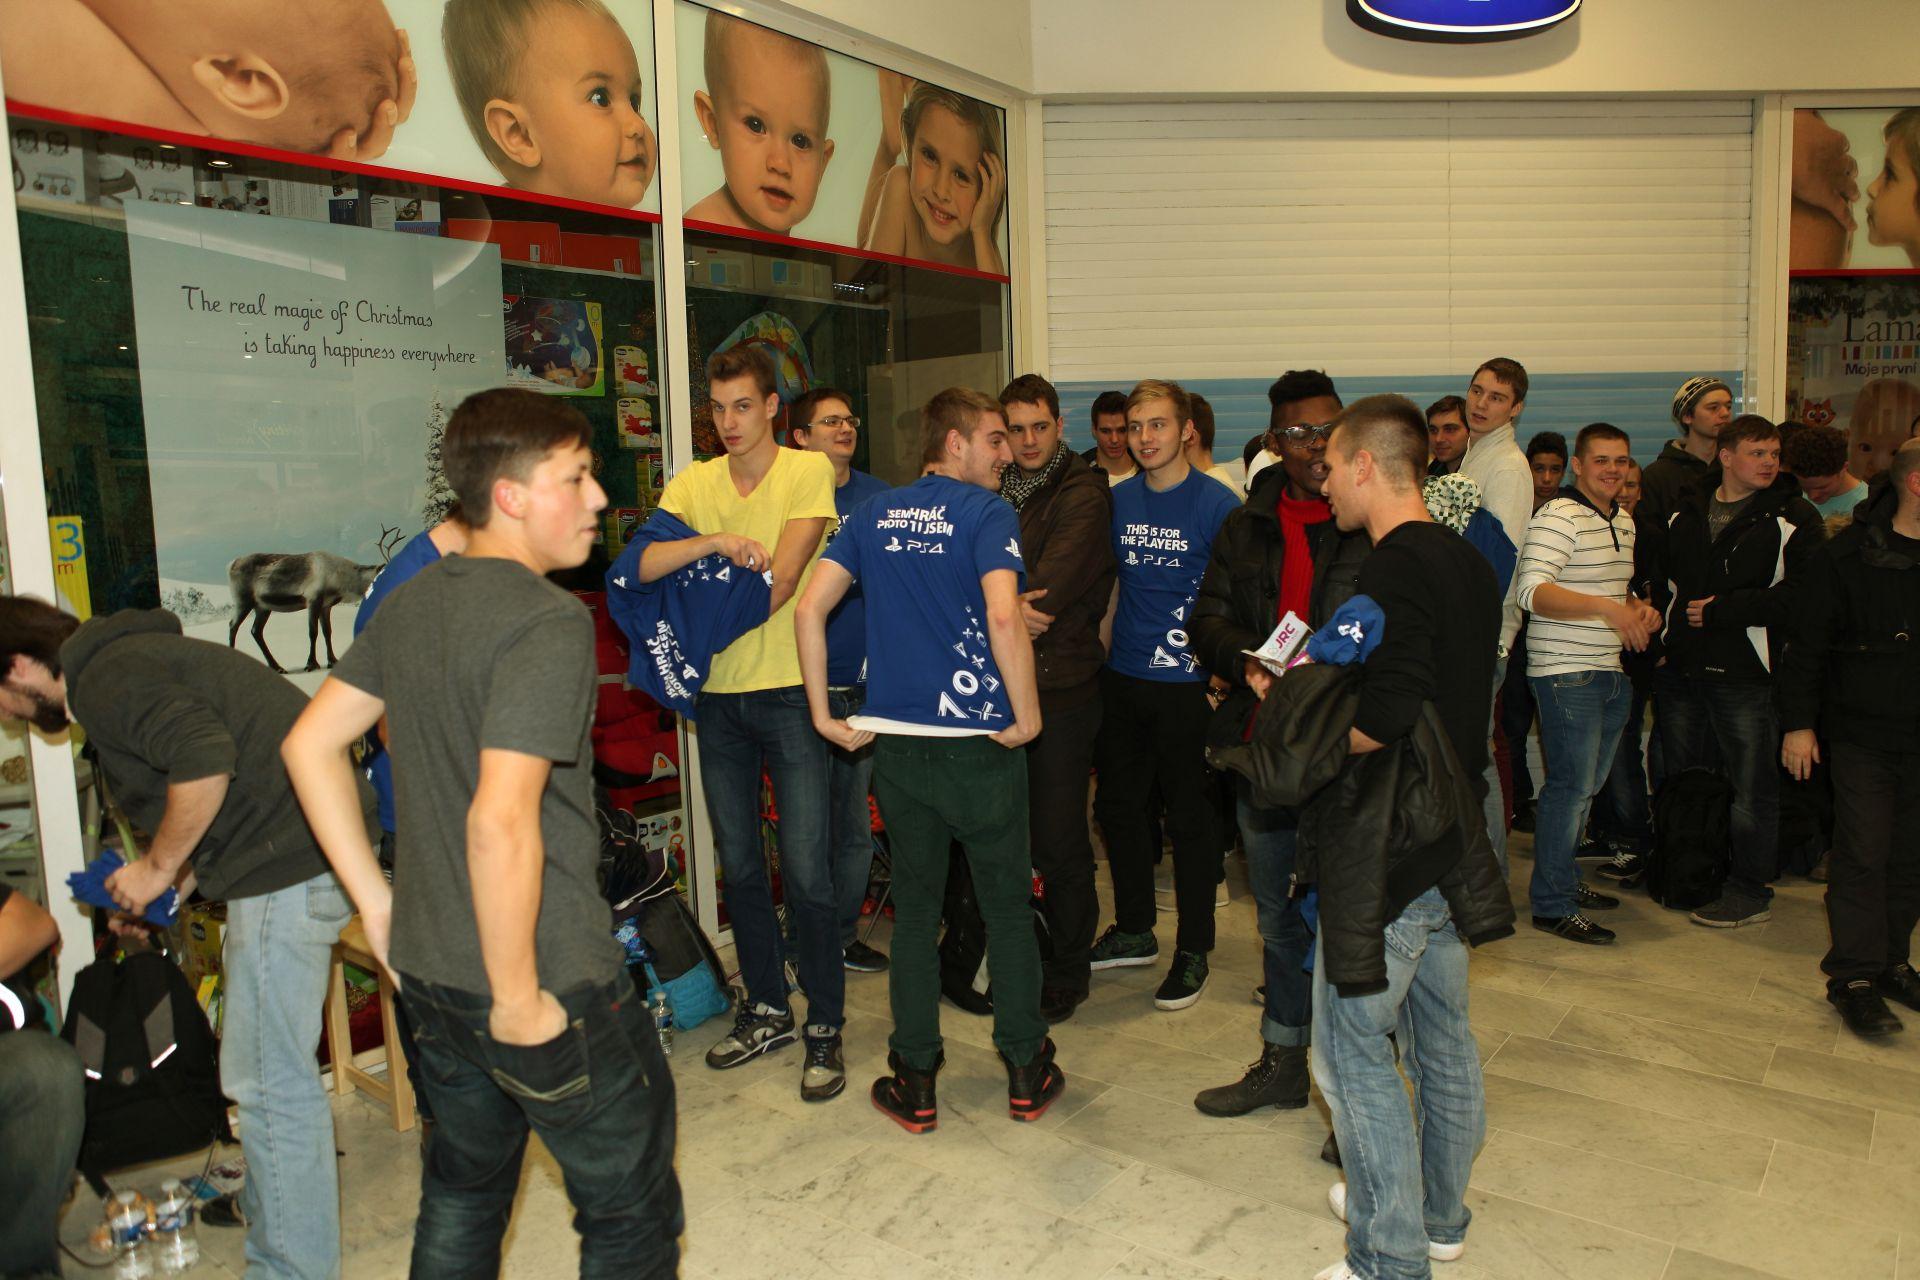 Fotky z půlnočního prodeje PS4 v Praze a Bratislavě 90888